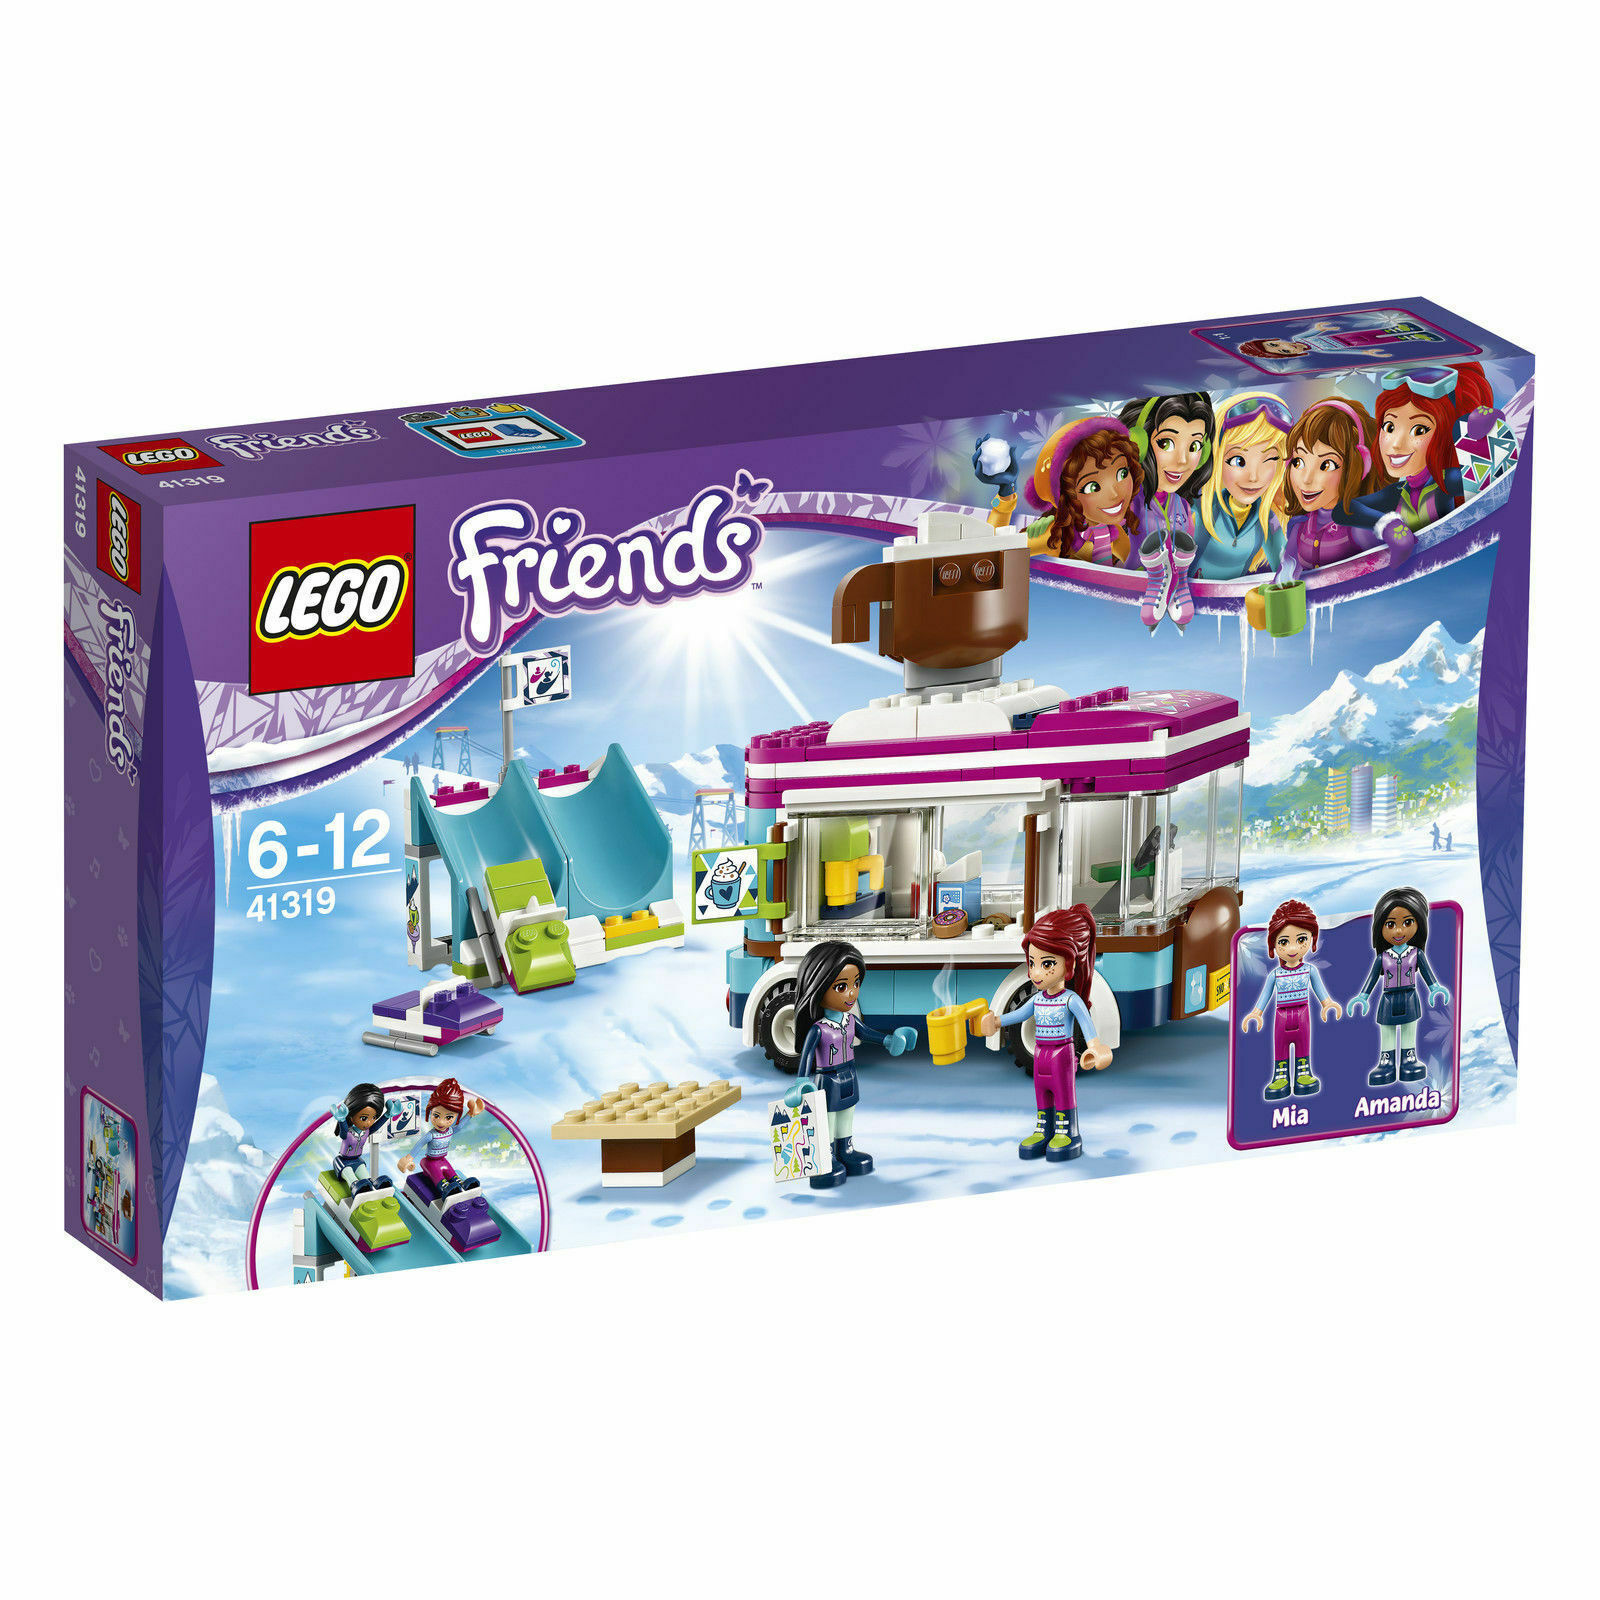 Lego Friends 41319 Kakaowagen de de de Hiver Rt - Neuf   Emballage D'Origine 47b910